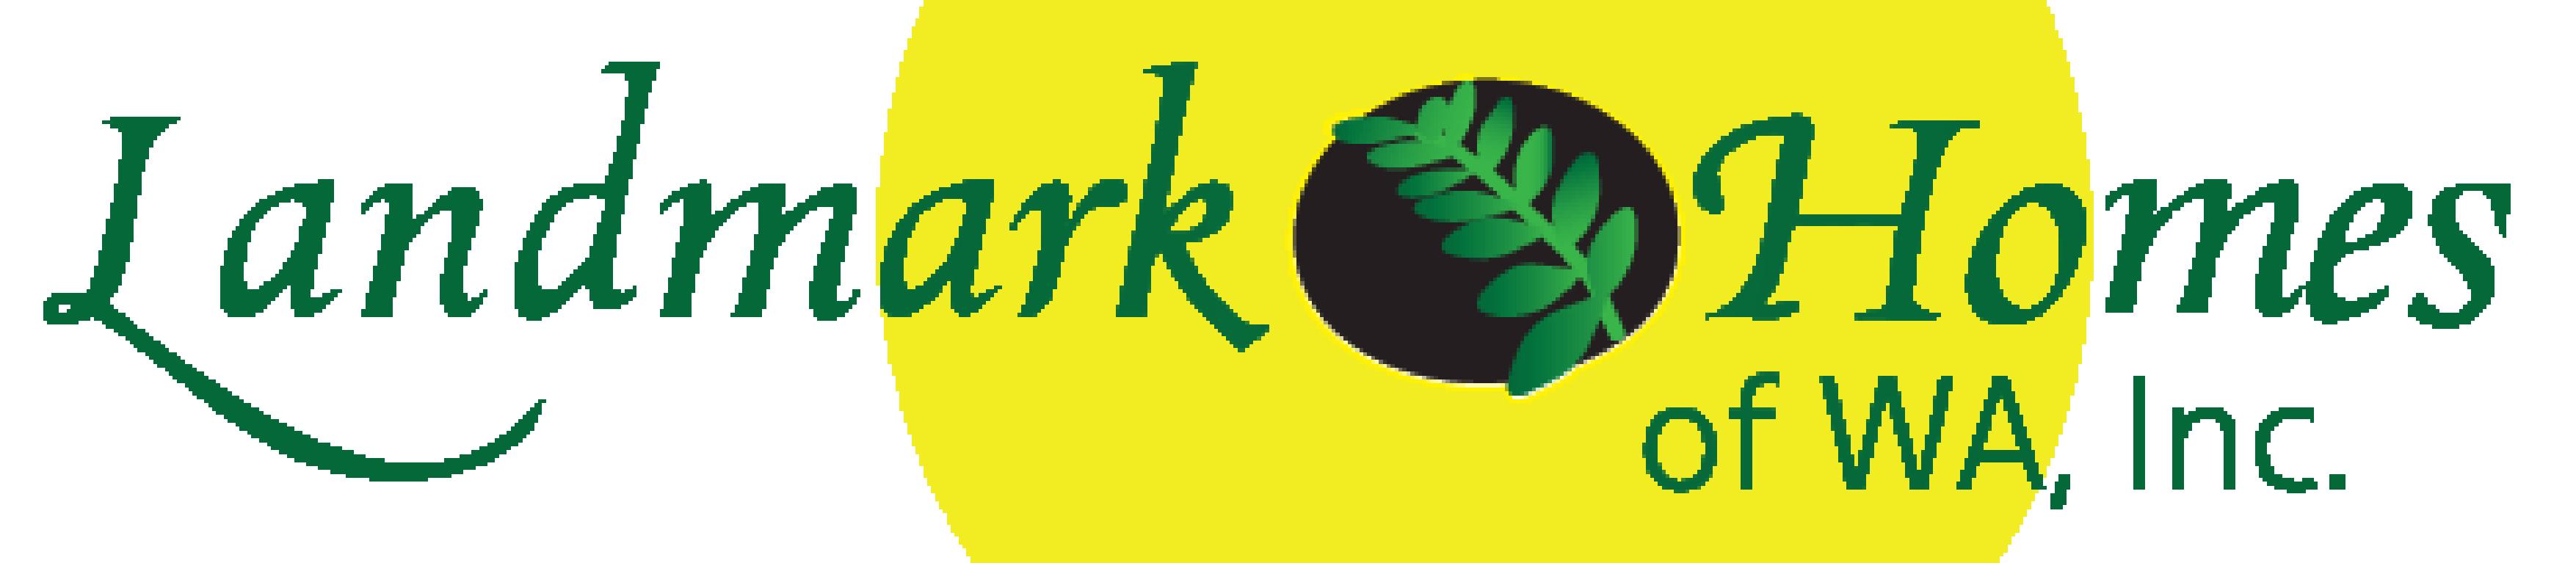 Landmark-green-logo-01